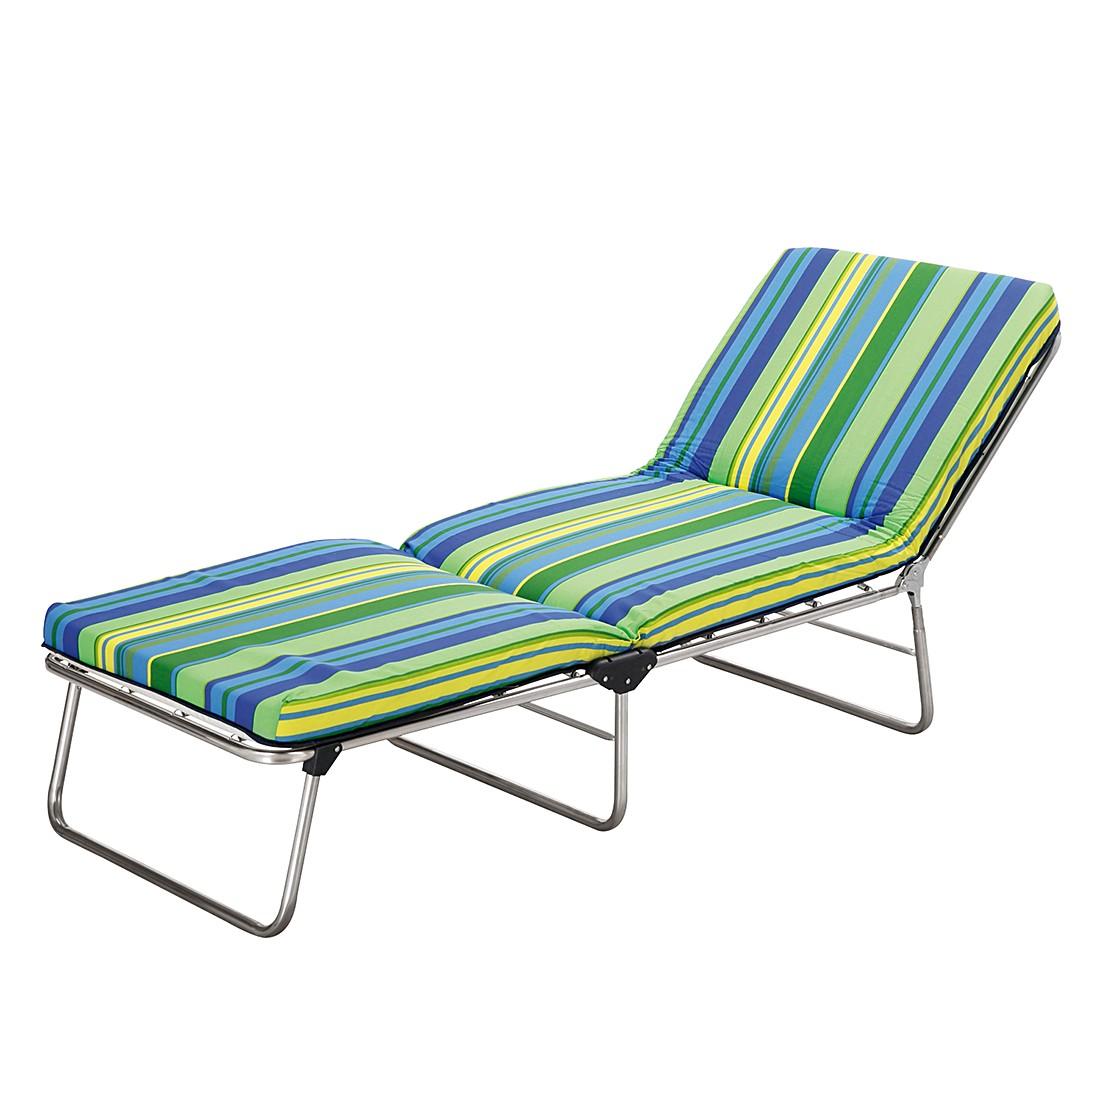 Vente chaise jardin tritoo maison et jardin for Acheter chaise longue jardin